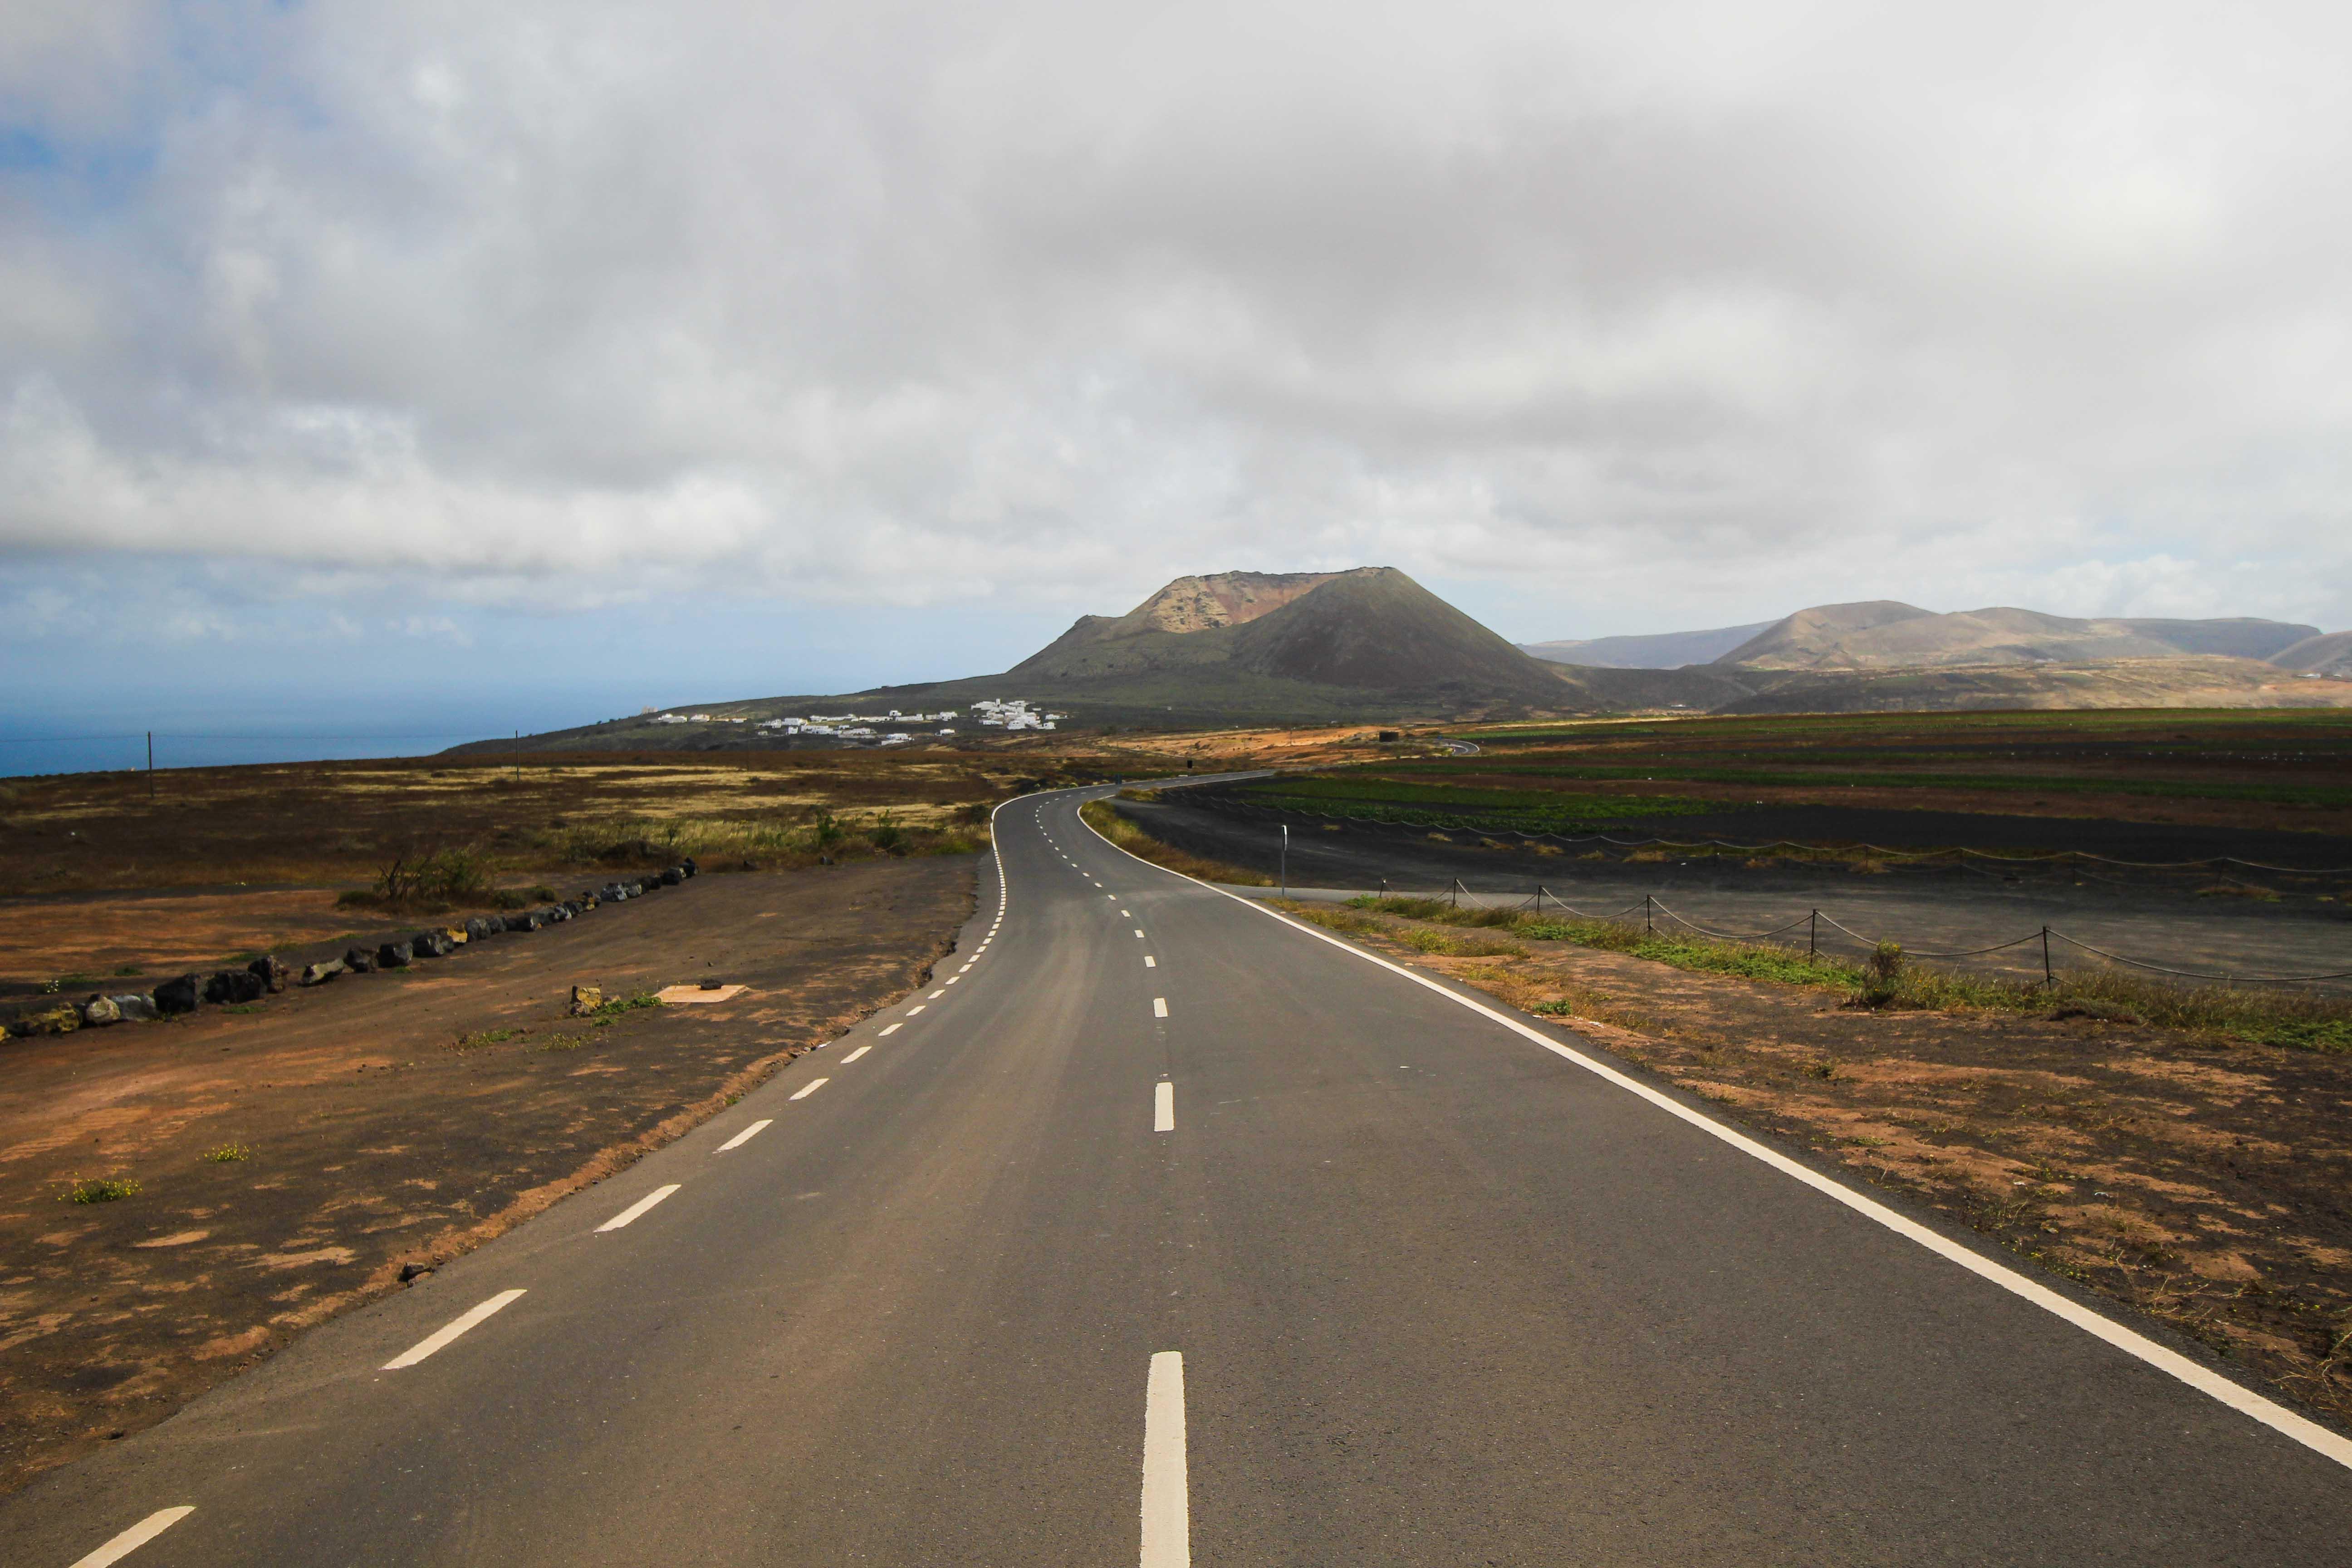 Top 10 Tipps Lanzarote Sehenswürdigkeiten Insider Tipps Lanzarote Spanien Mietwagen Straße Roadtrip Route Reiseblog